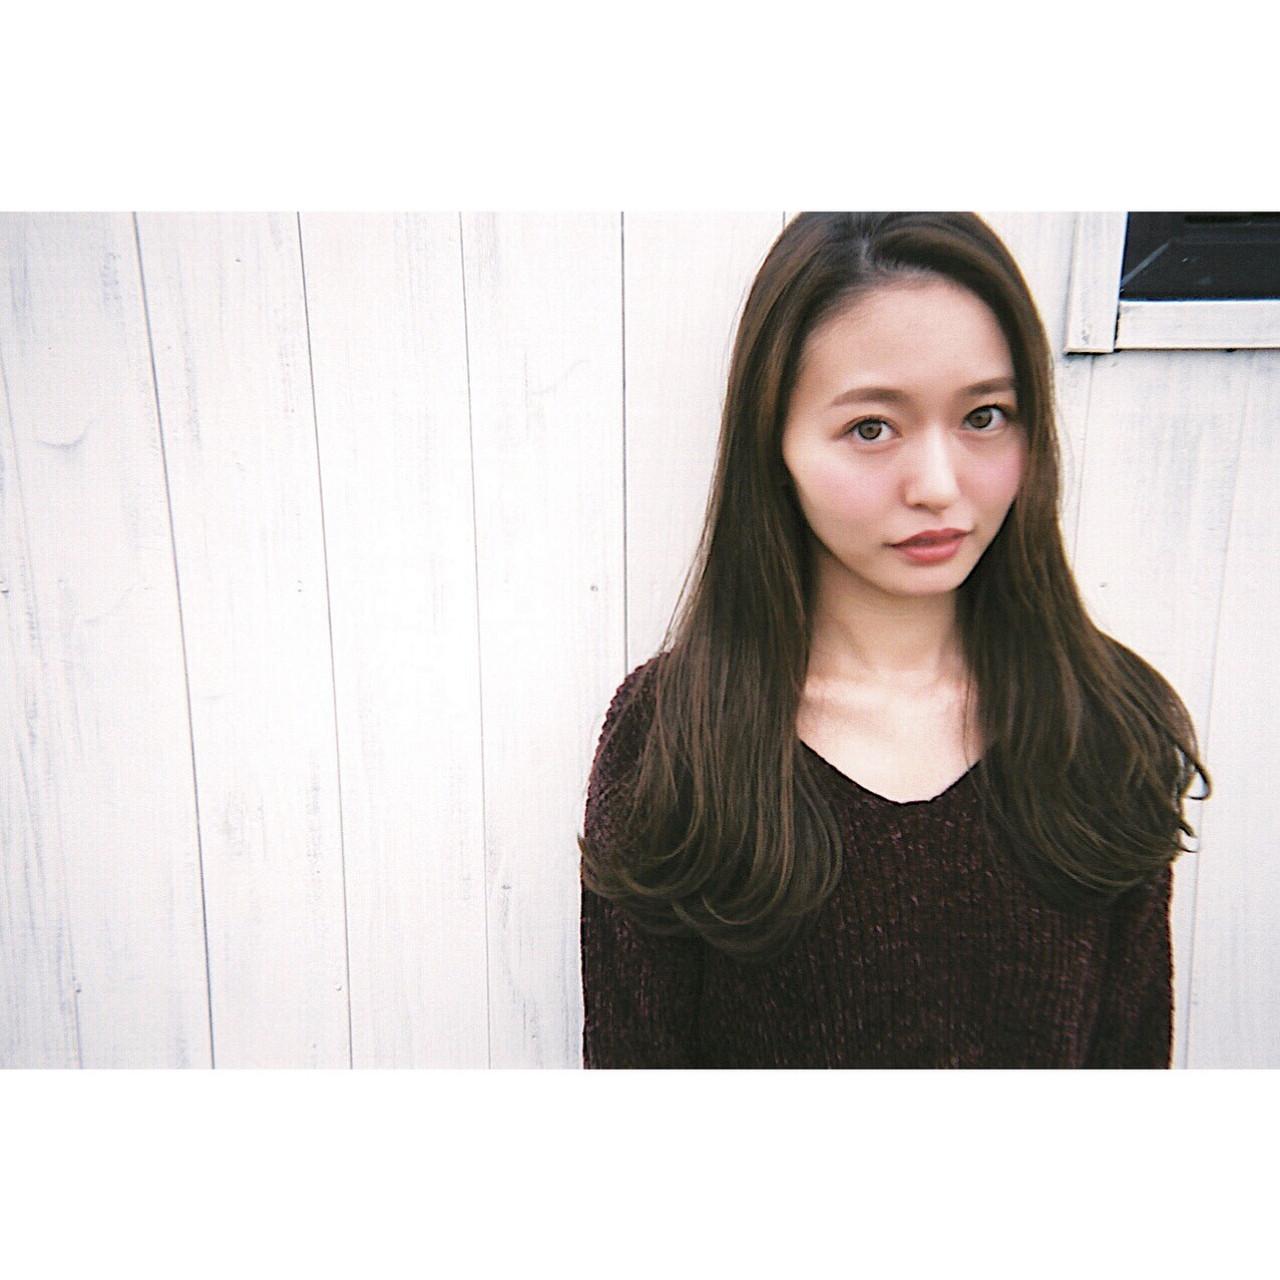 レトロガーリーな感じの前髪なしスタイル shohei nishimori